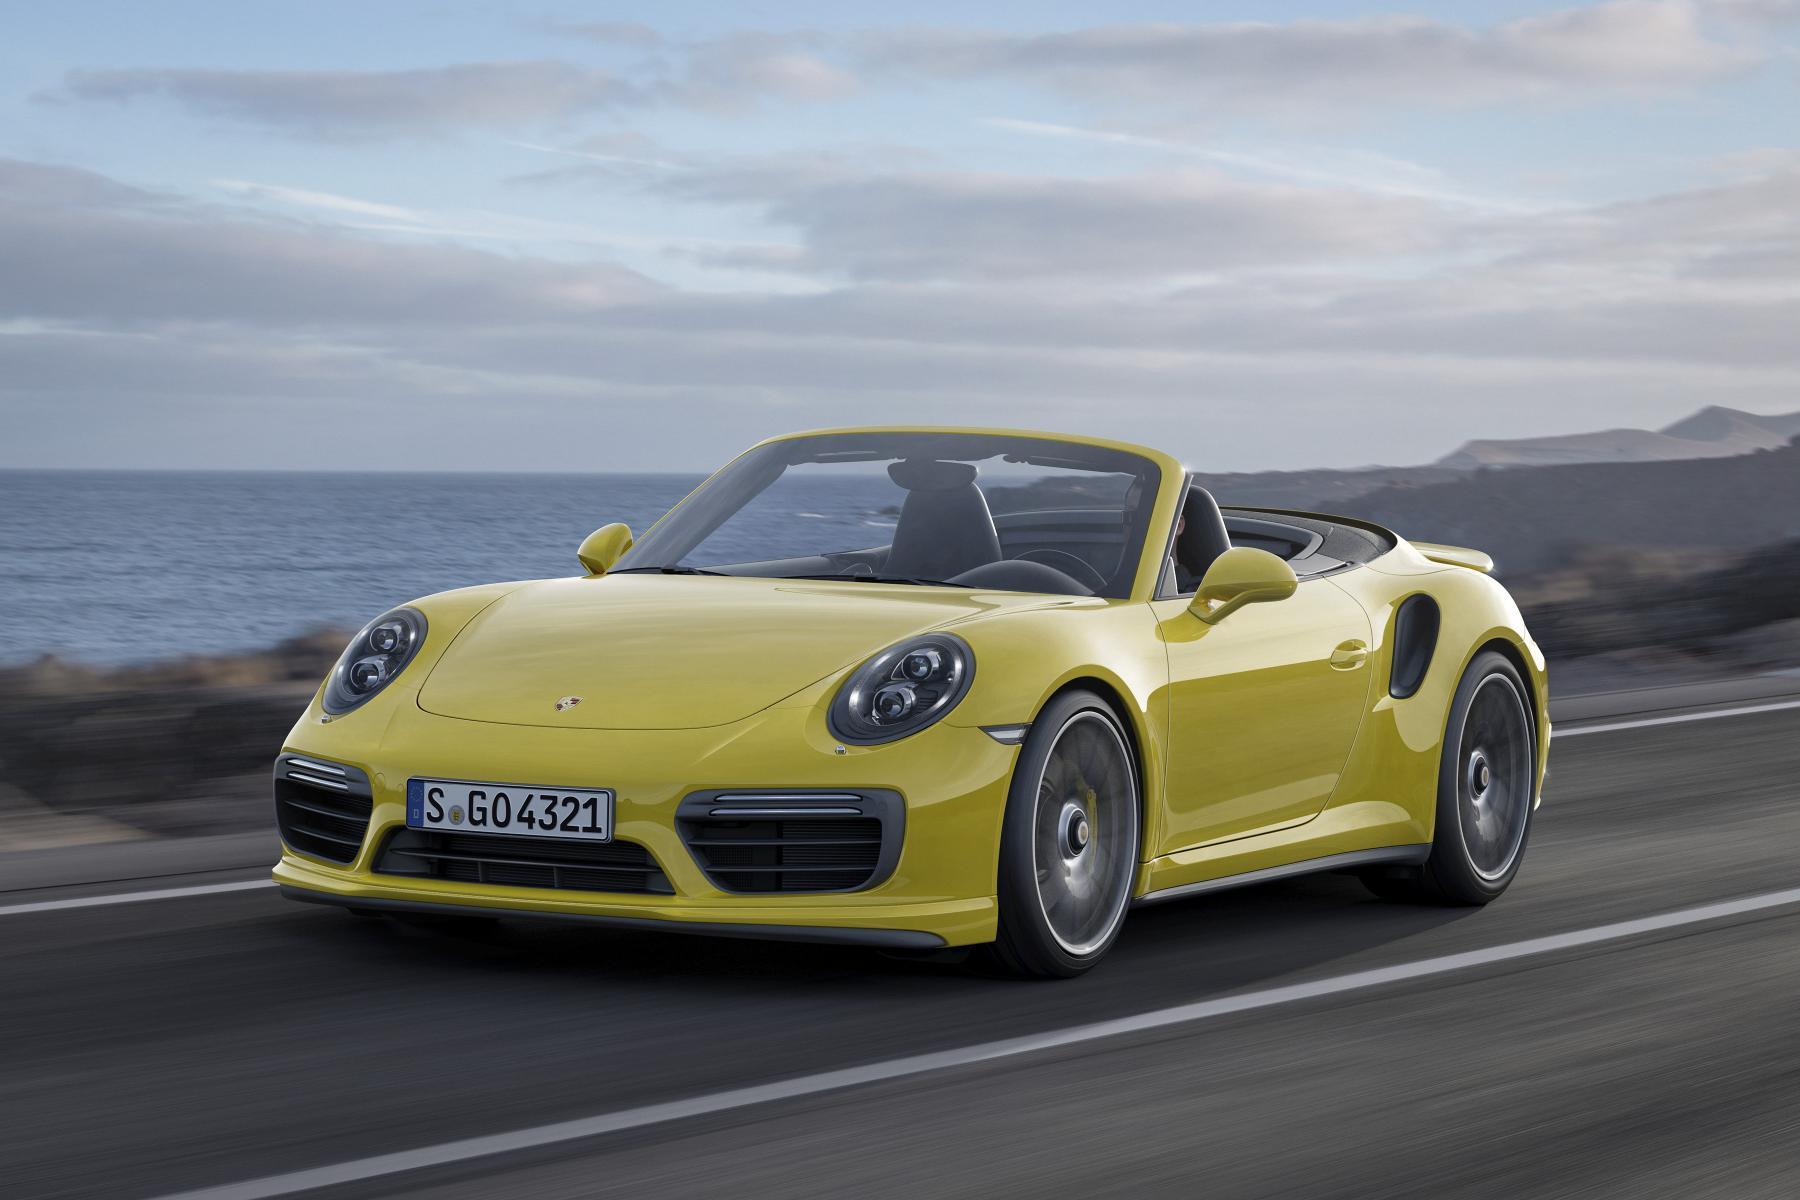 Nuova Porsche 911 Turbo e 911 Turbo S ecco i prezzi 5